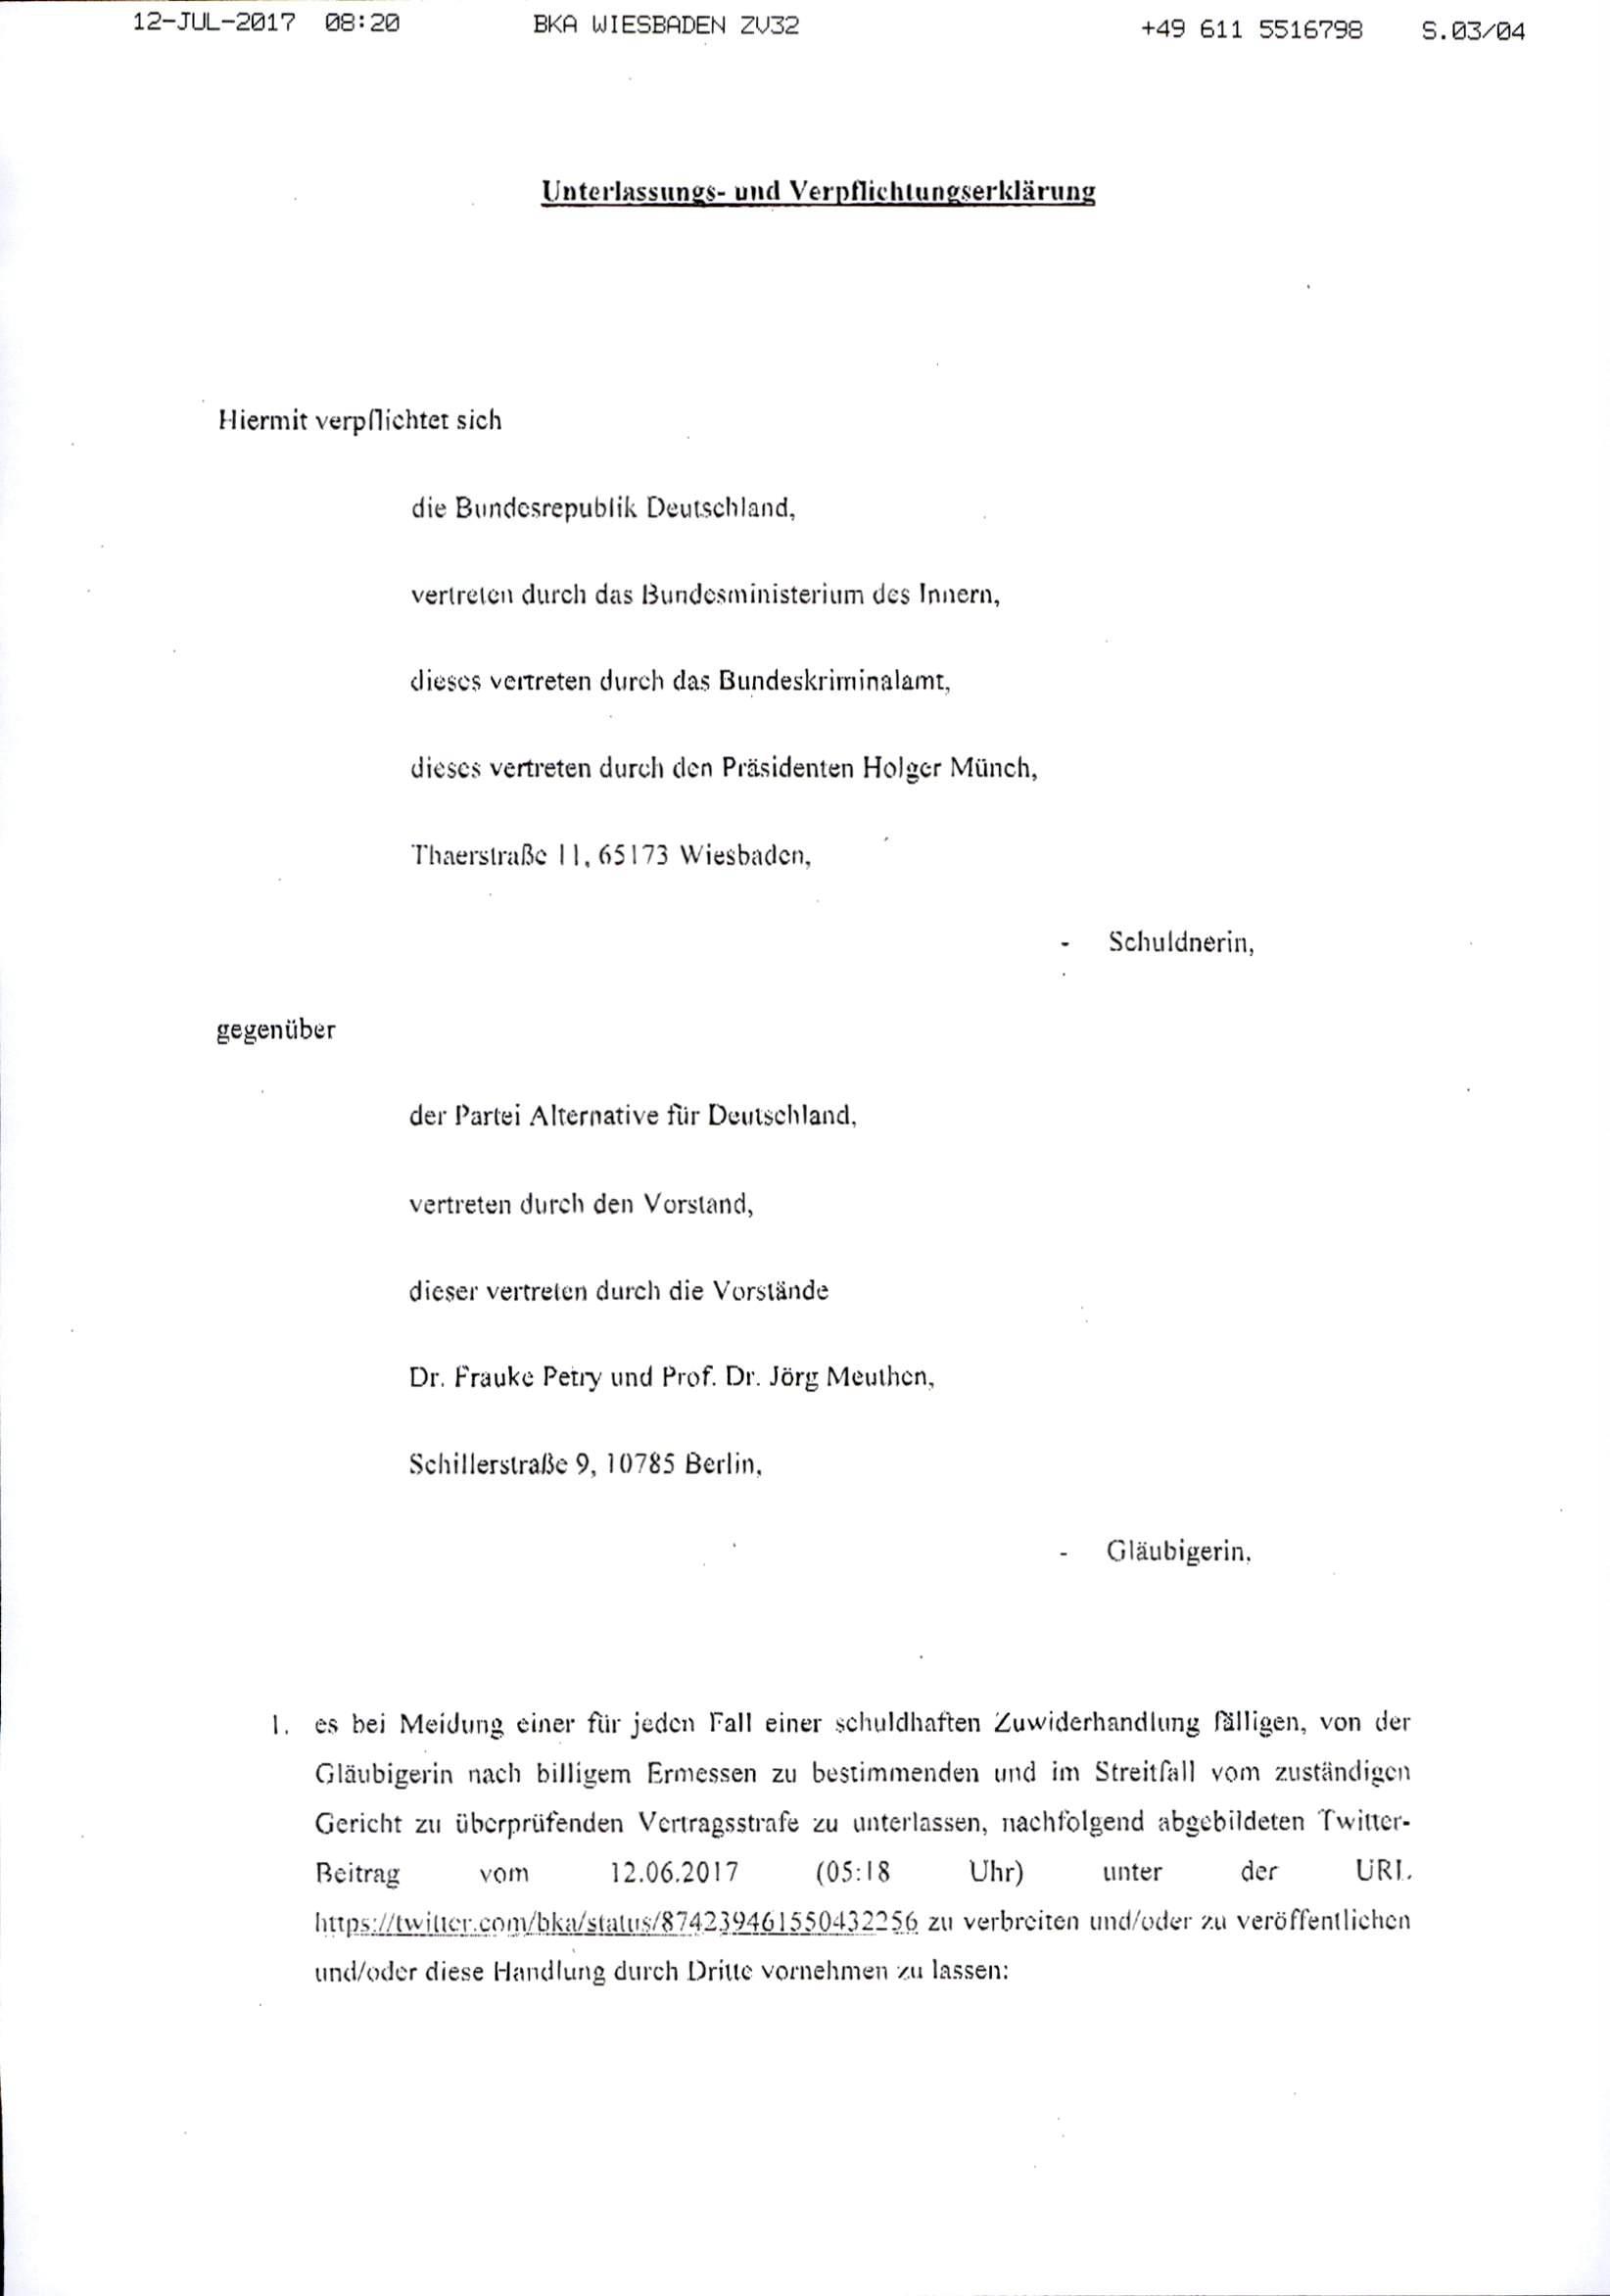 die beanstandete verffentlichung der alternative fr deutschland als beispiel fr rechtsextremismus knftig auch durch dritte zu unterlassen - Strafbewehrte Unterlassungserklarung Muster